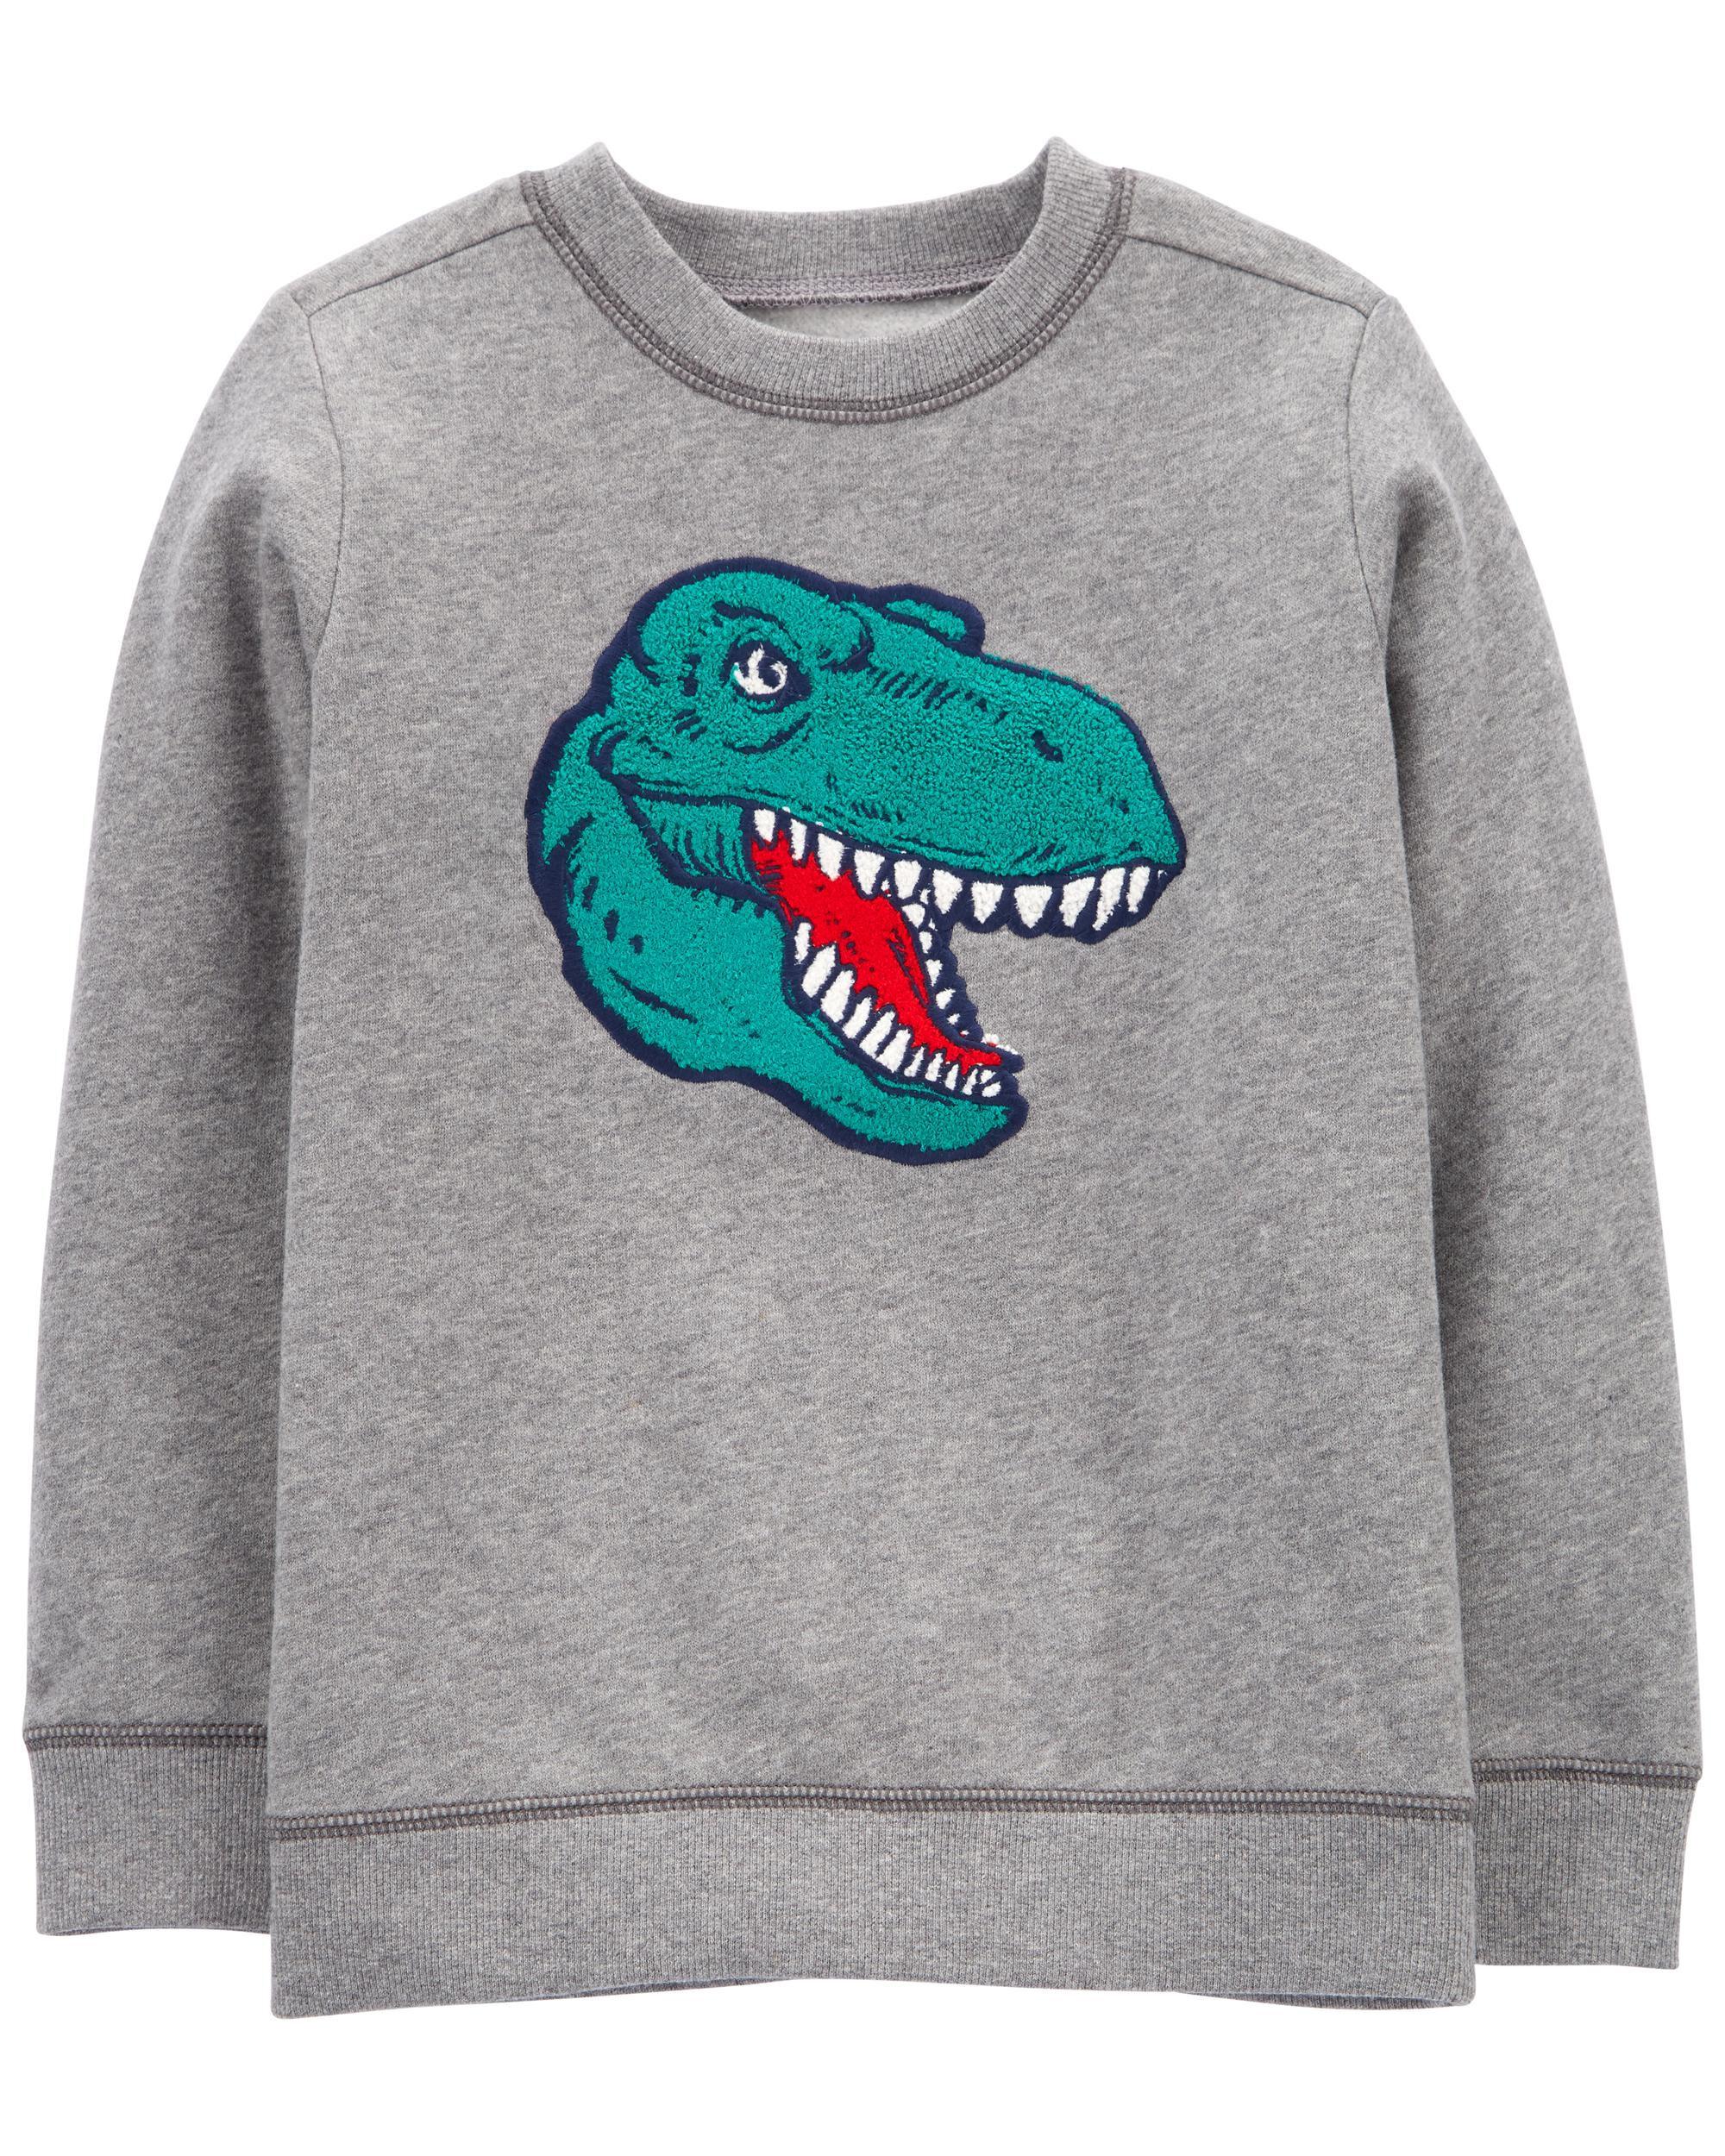 *CLEARANCE* Dinosaur Fleece Pullover